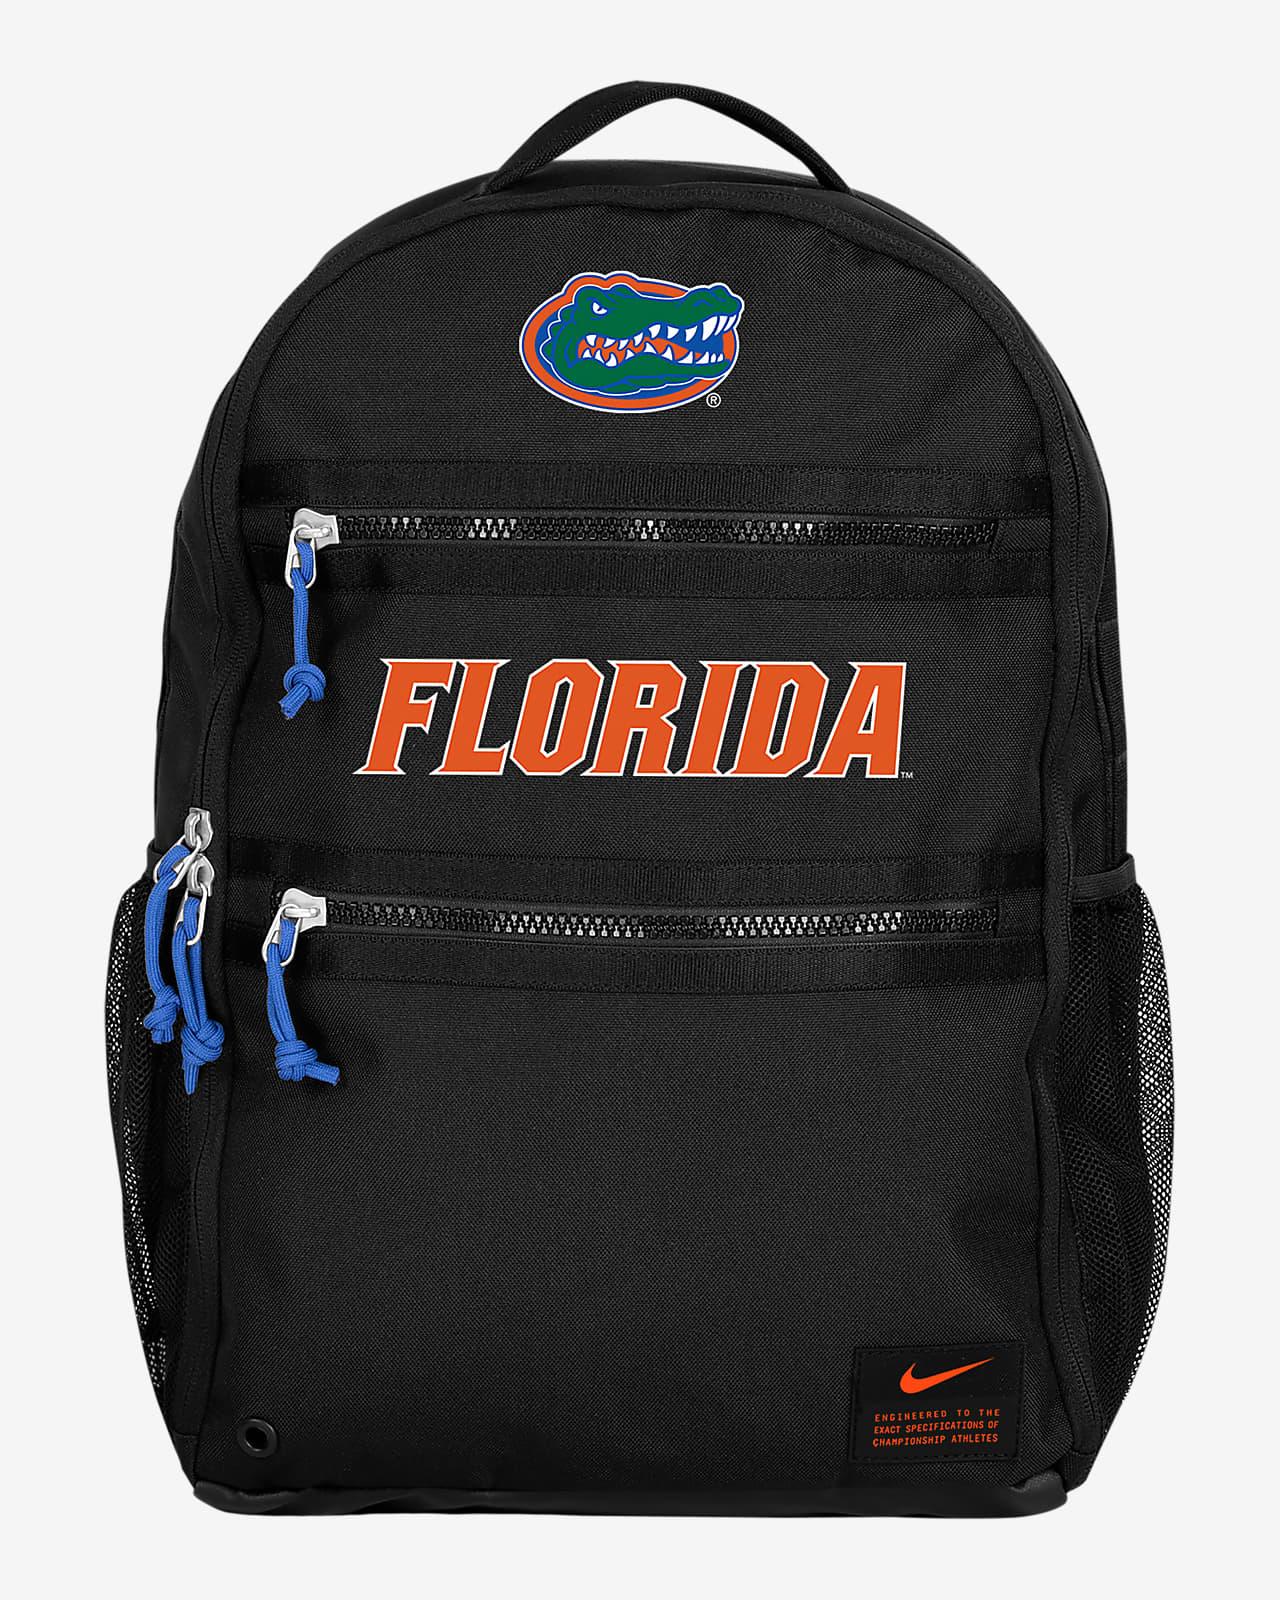 Nike College (Florida) Backpack